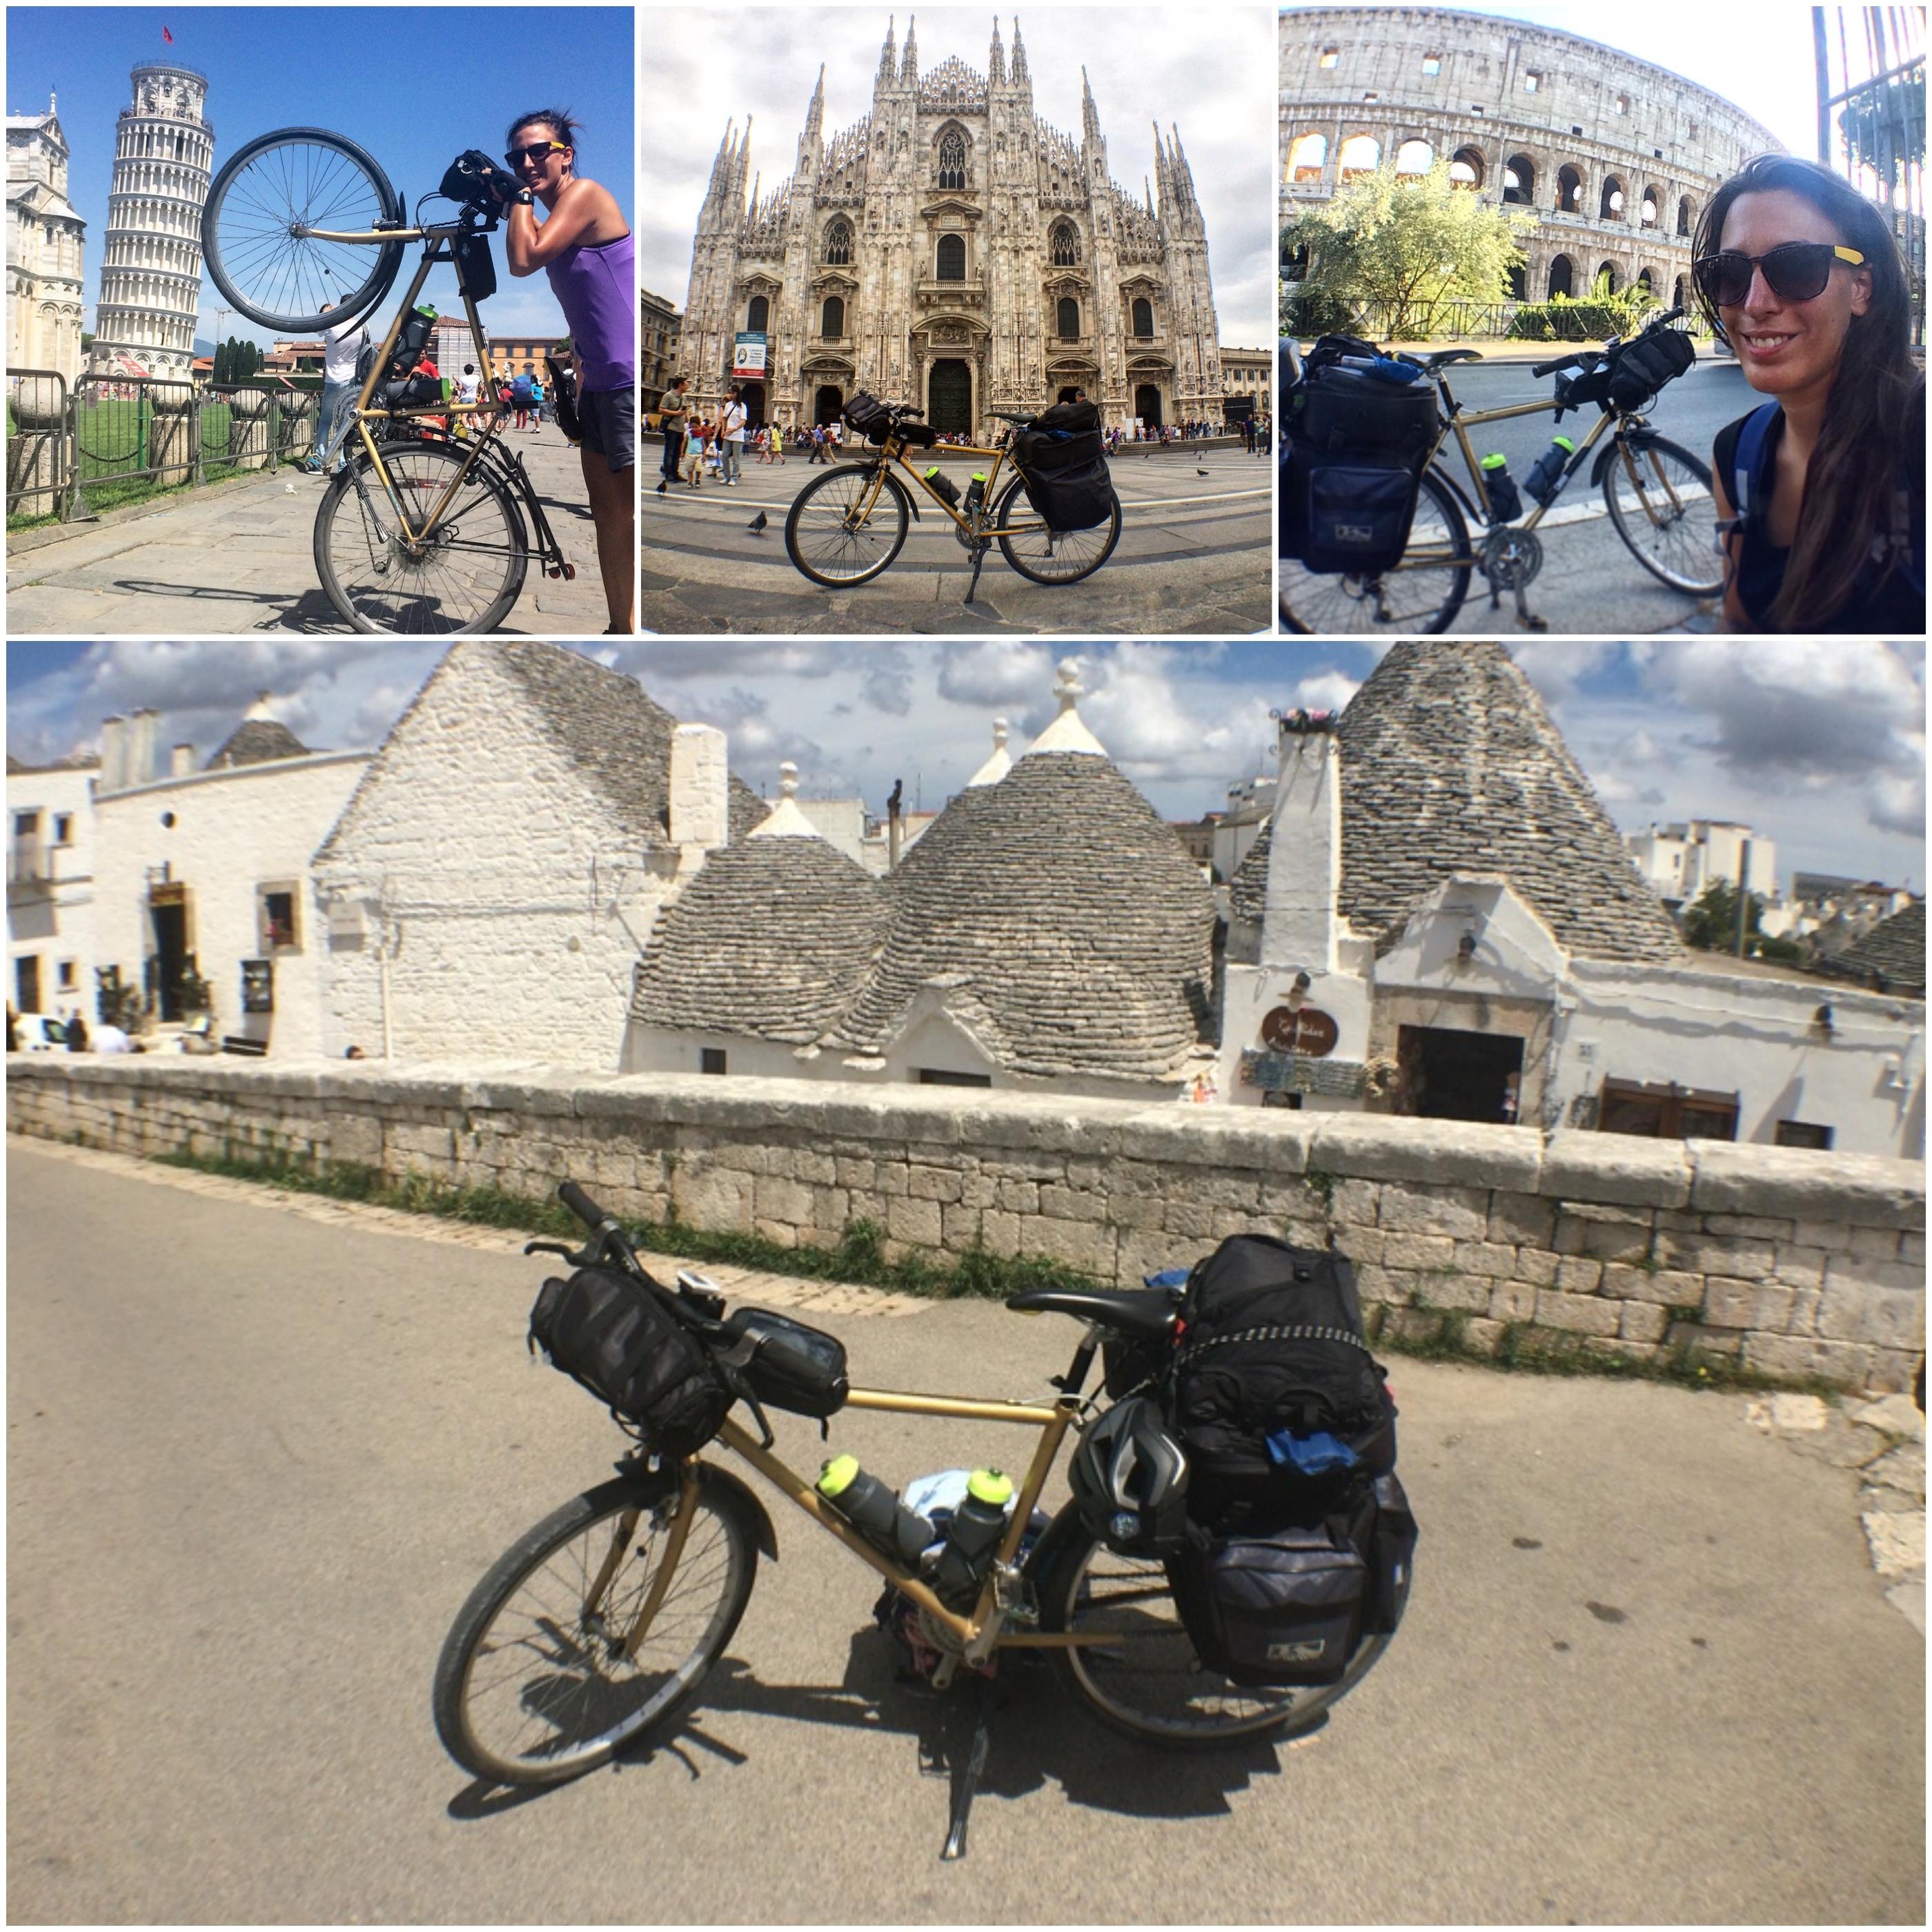 Il viaggio di Joëlle: percorrere l'Italia in bicicletta per 1800 chilometri